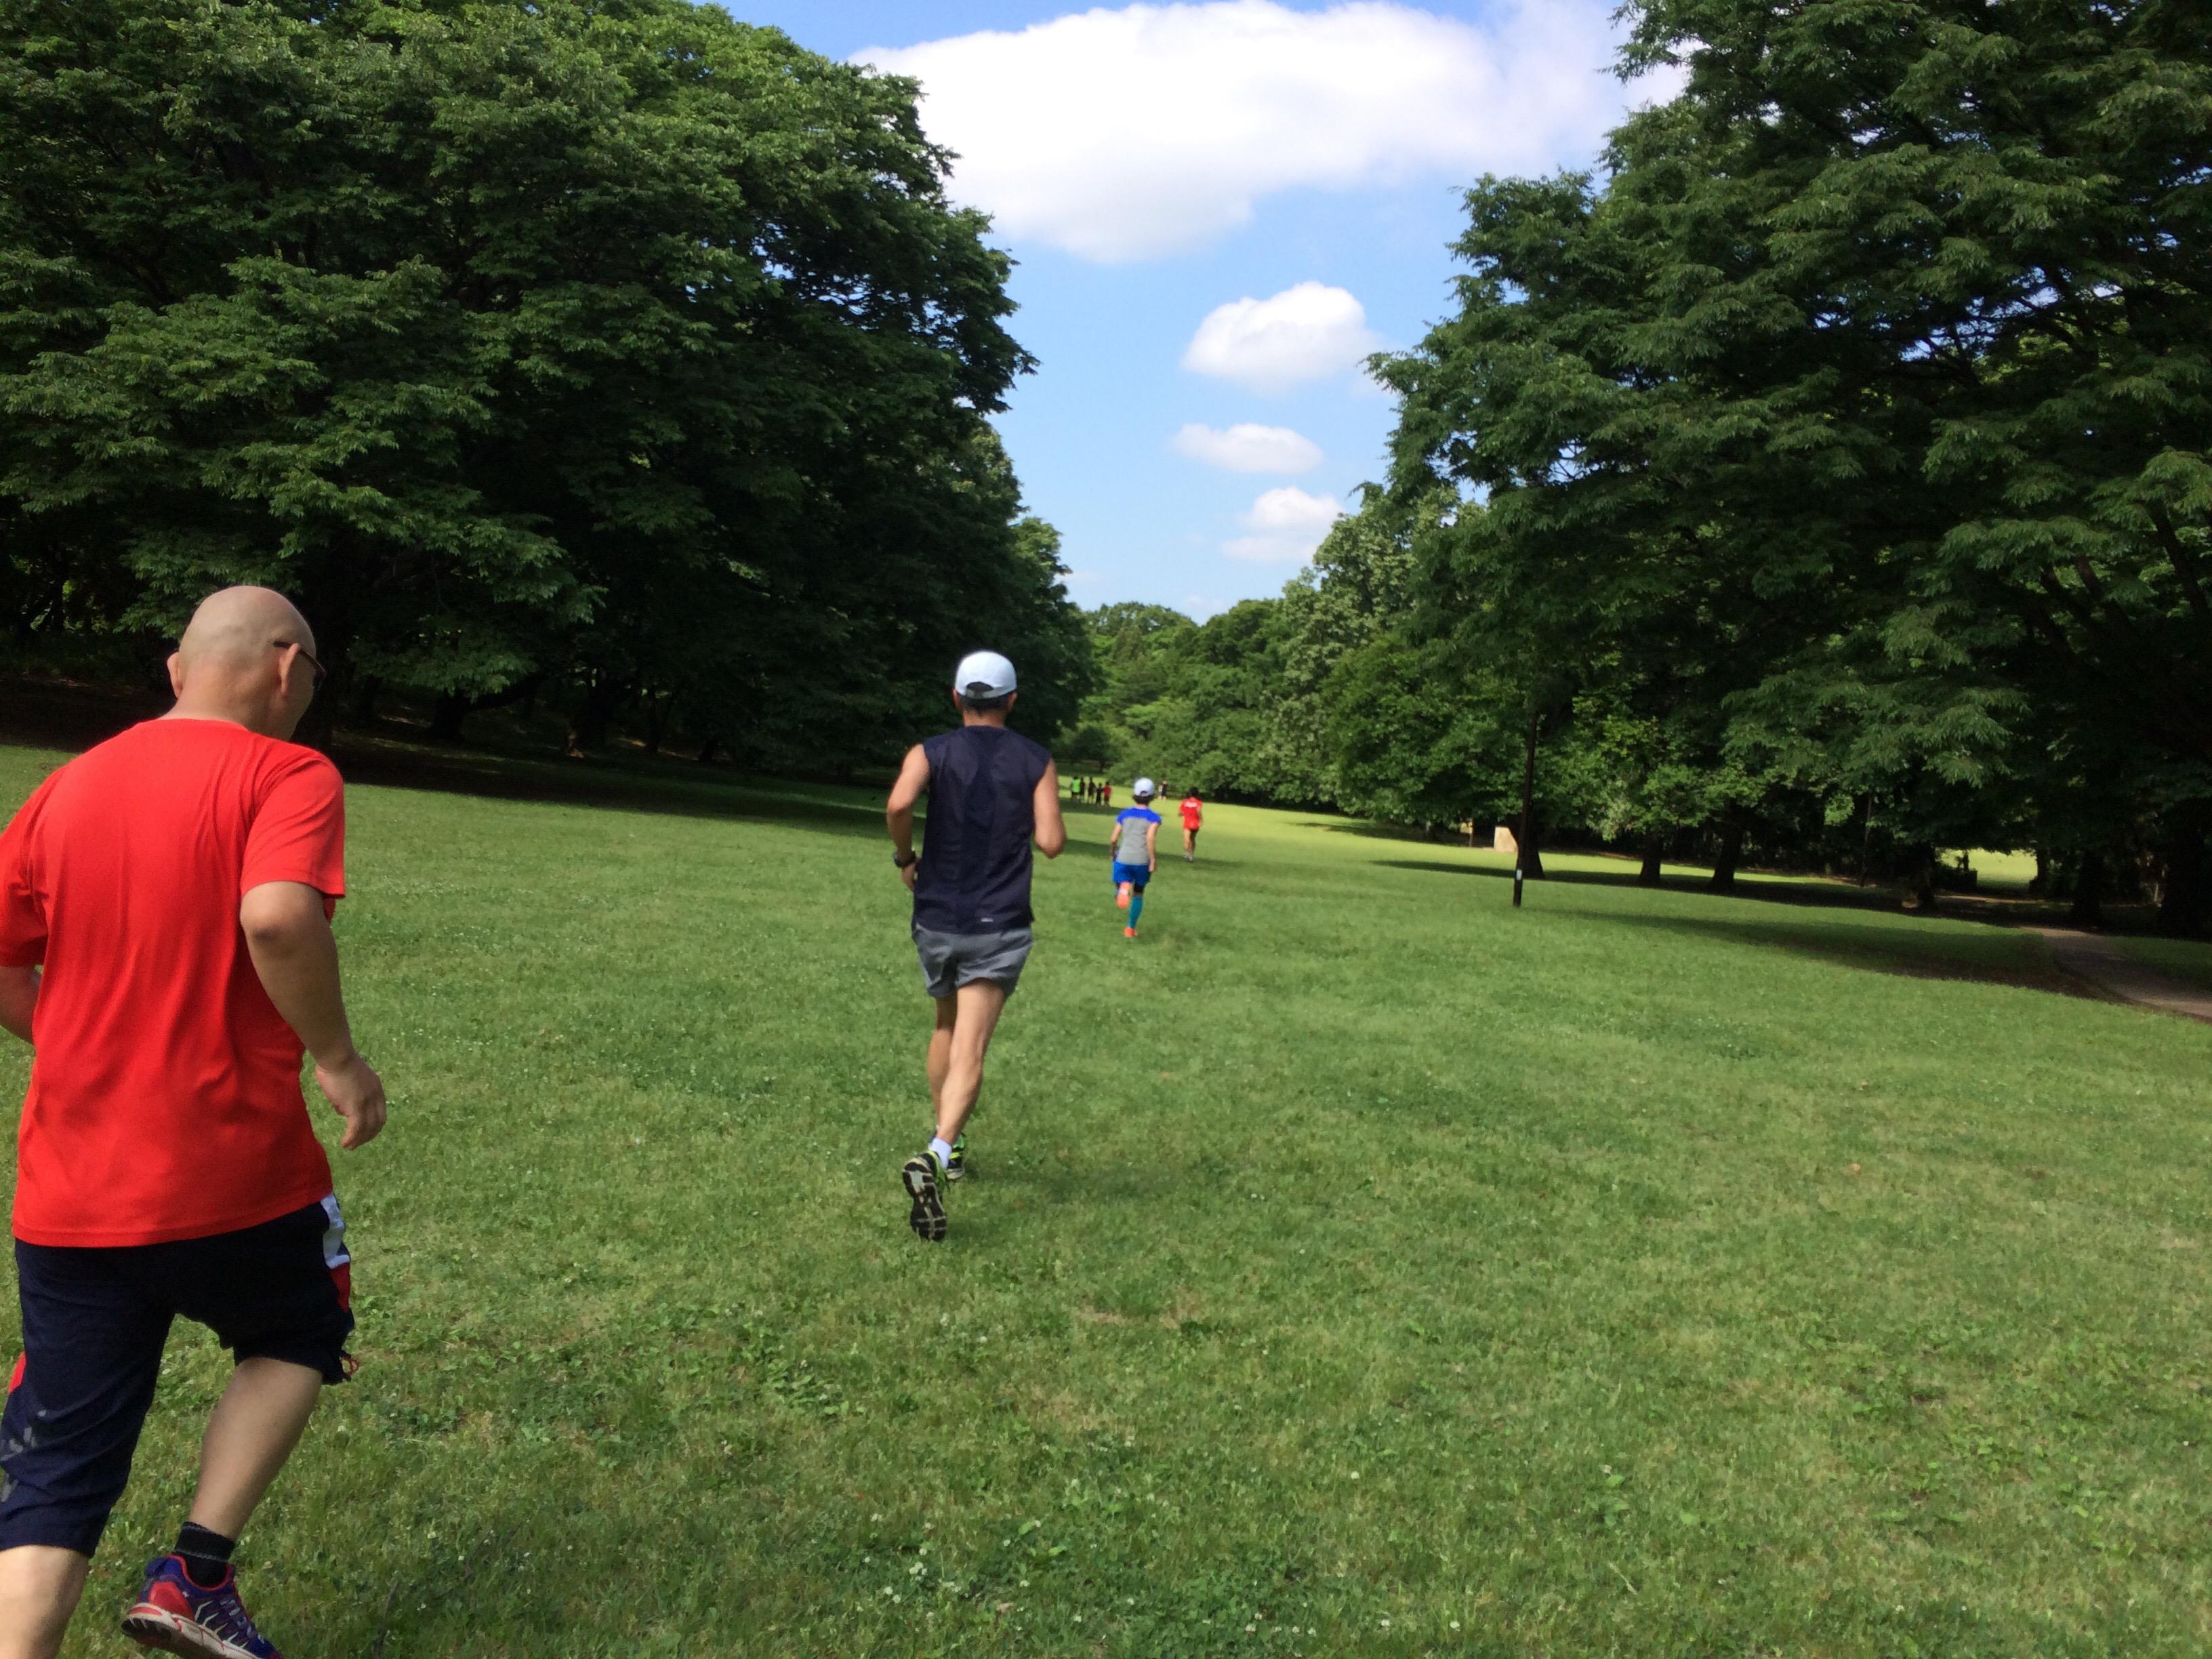 アラ還マラソン練習日記・サブ4.5を狙う③ マラソン完走クラブでの練習:インターバル走と芝生直線ラン、そして坂道ダッシュ